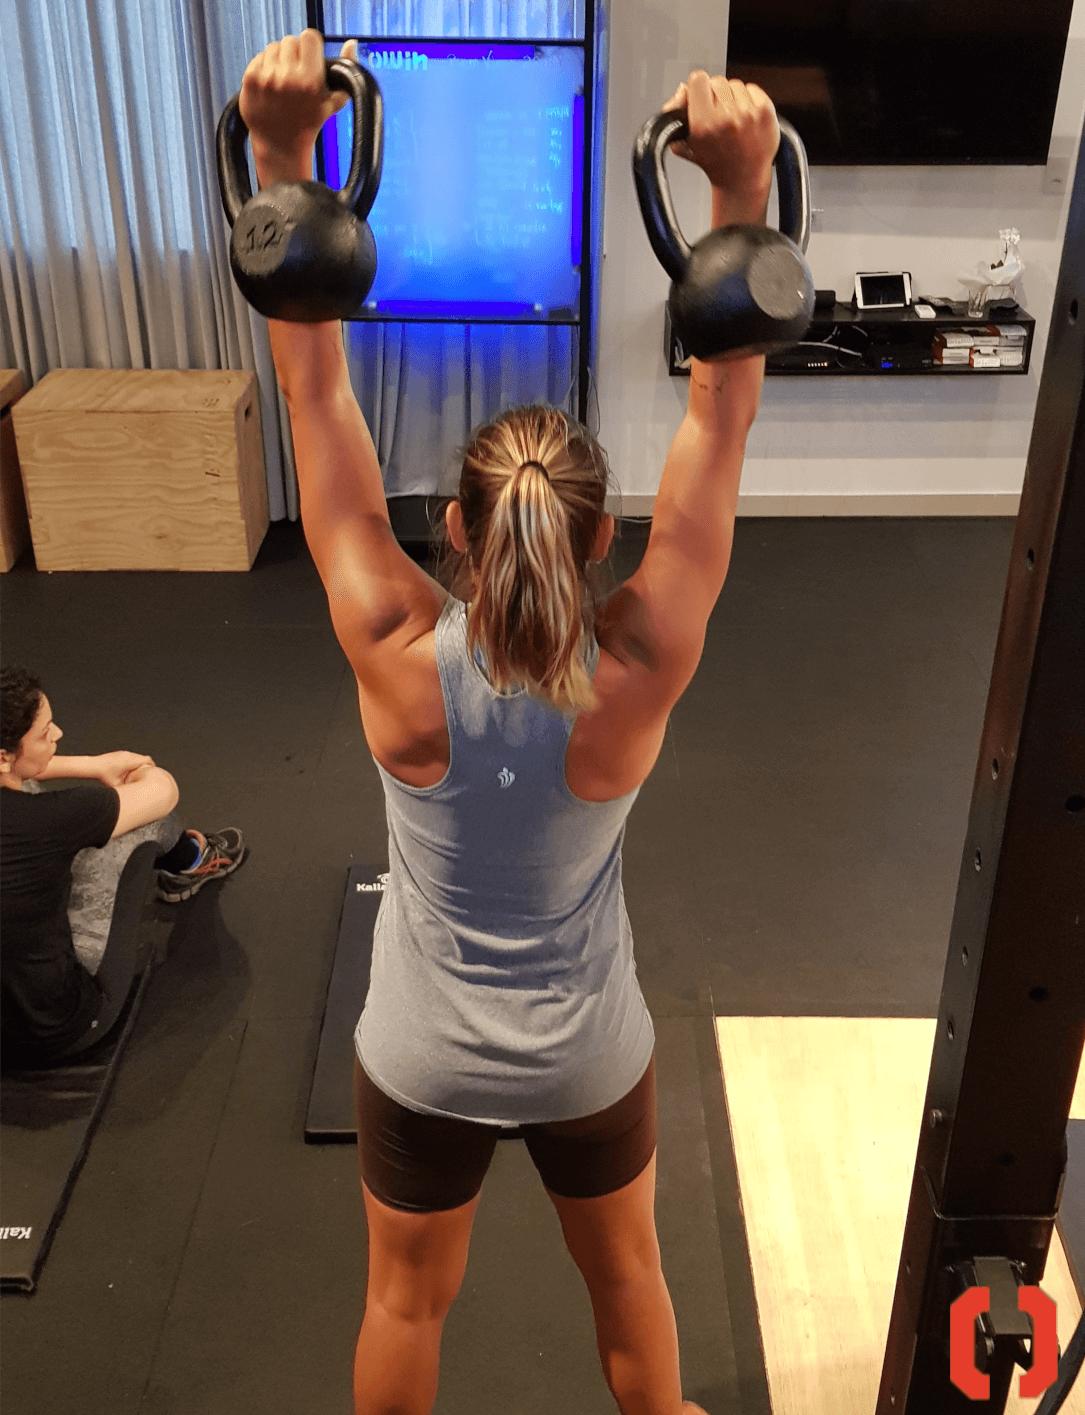 Push press, movimento do treinamento funcional